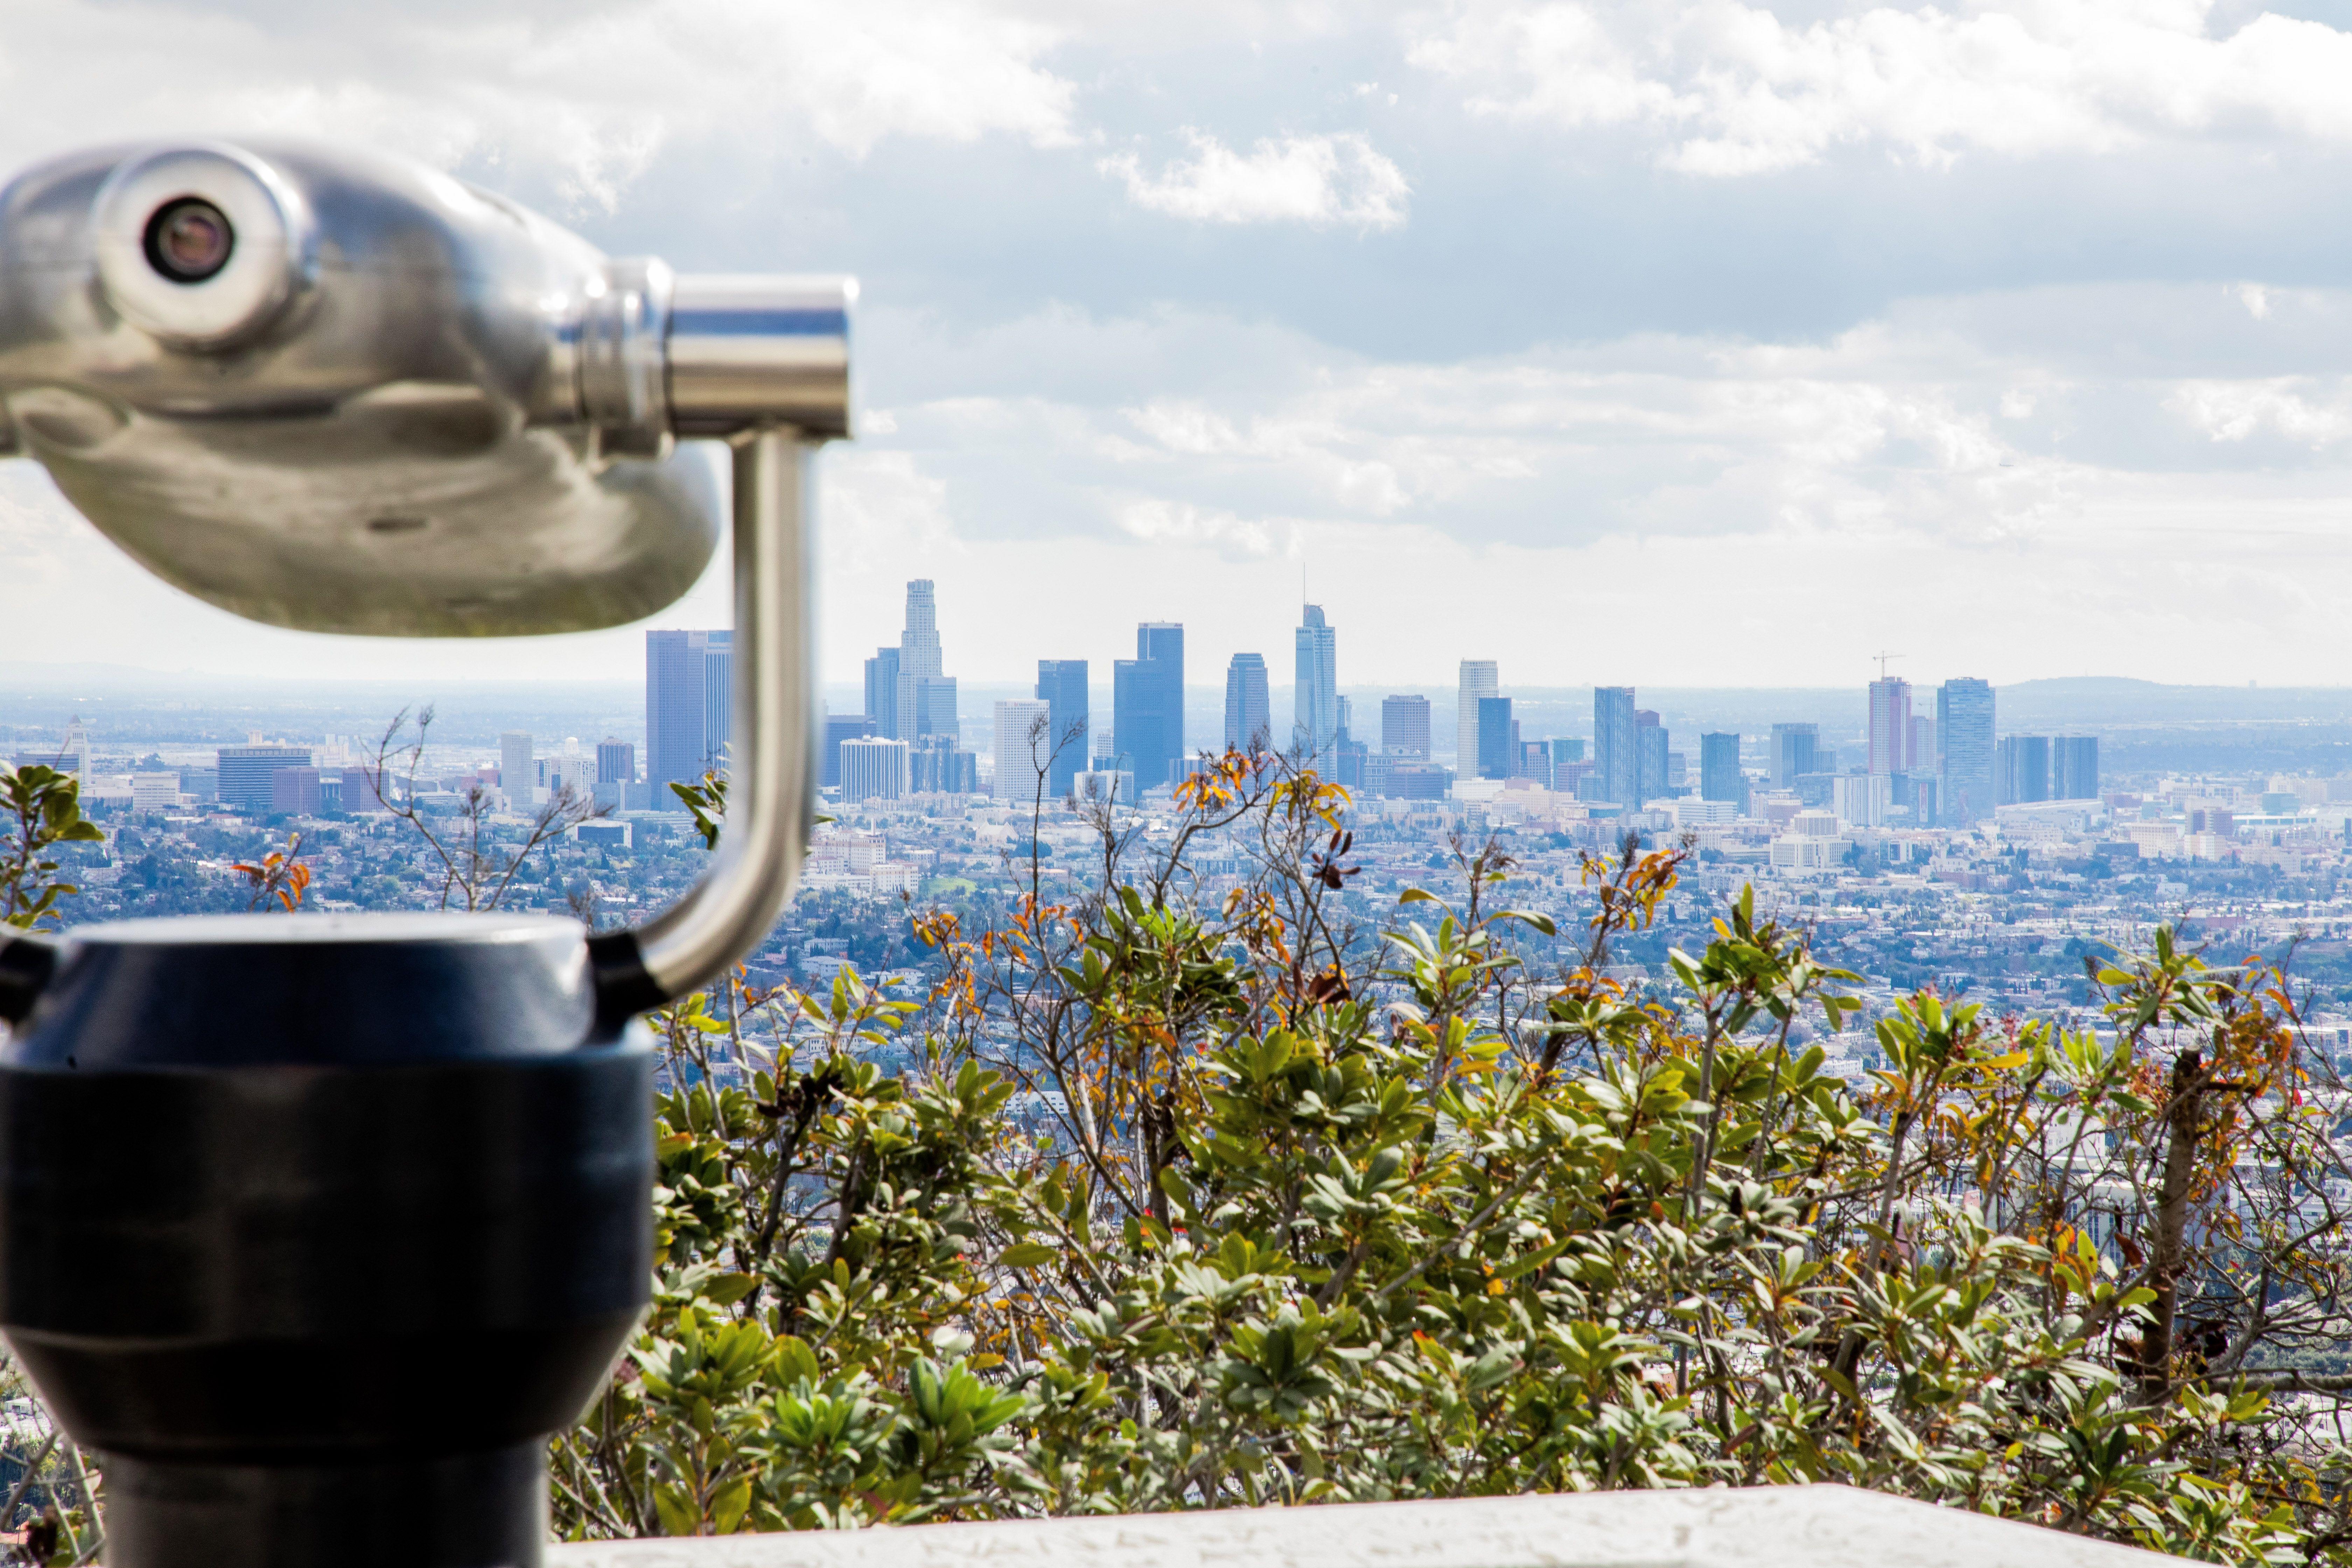 La vista del centro de Los Ángeles desde el observatorio Griffith